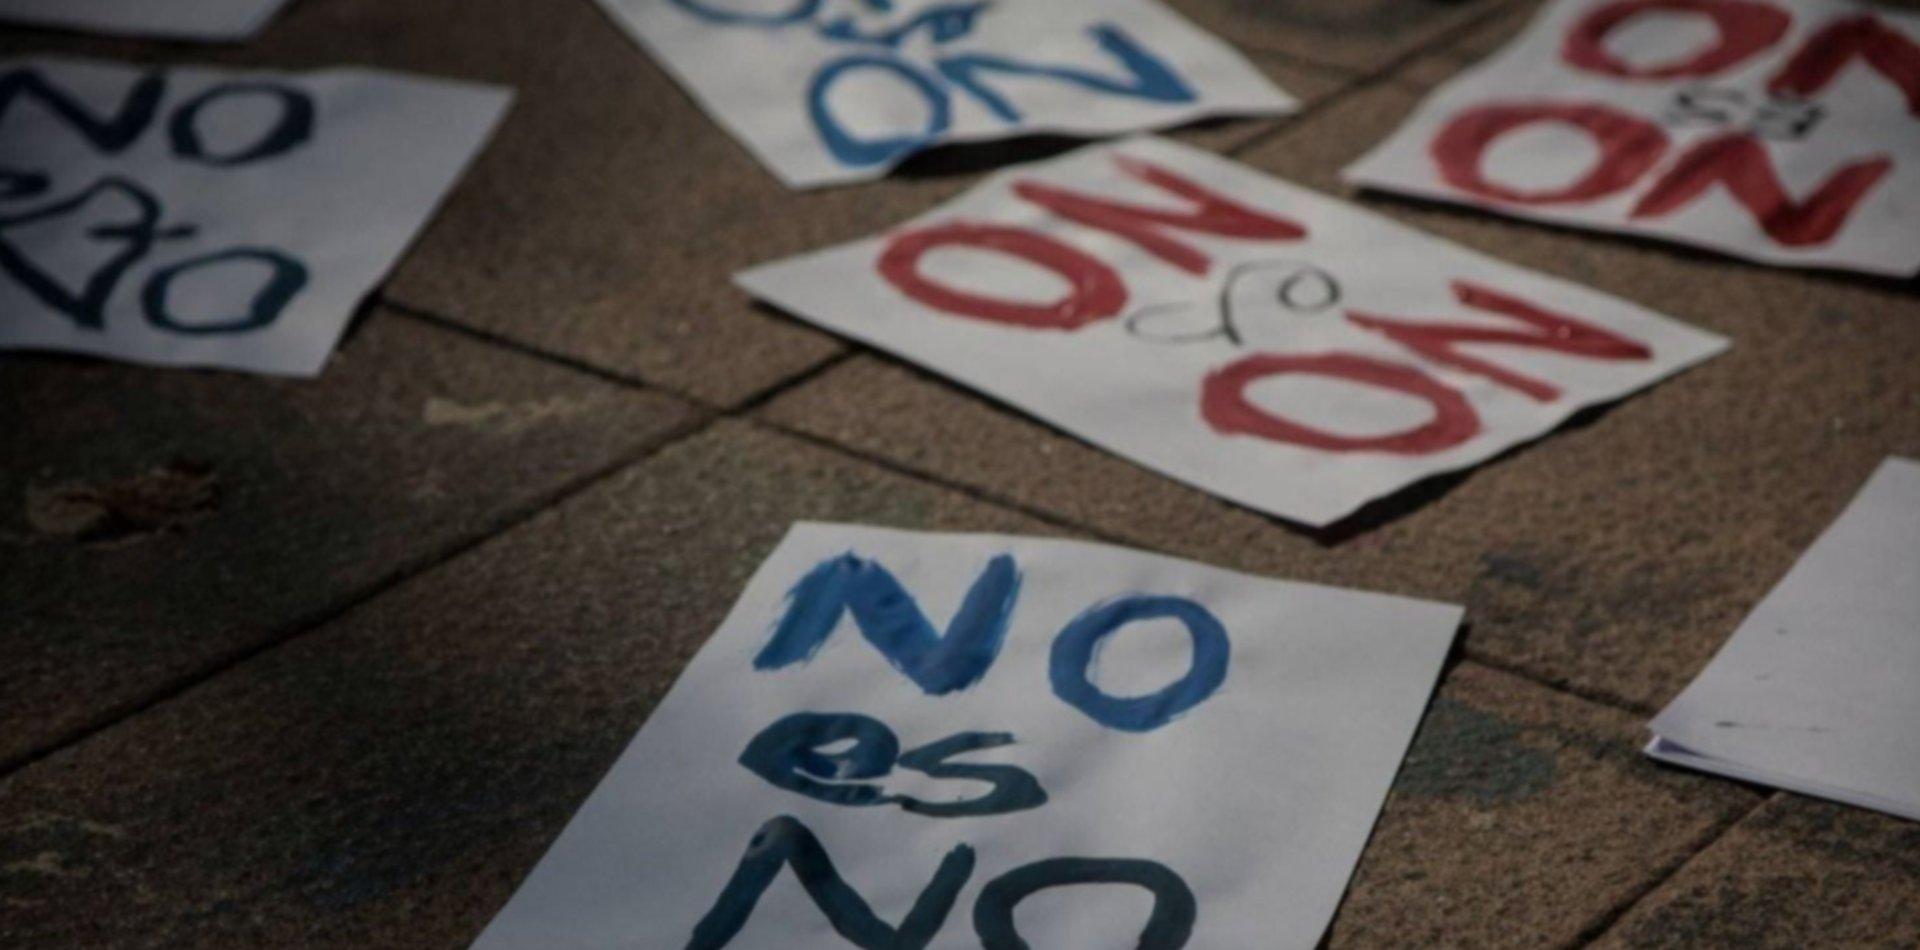 Si no estás conmigo no estés con nadie: impune caso de violencia de género en La Plata